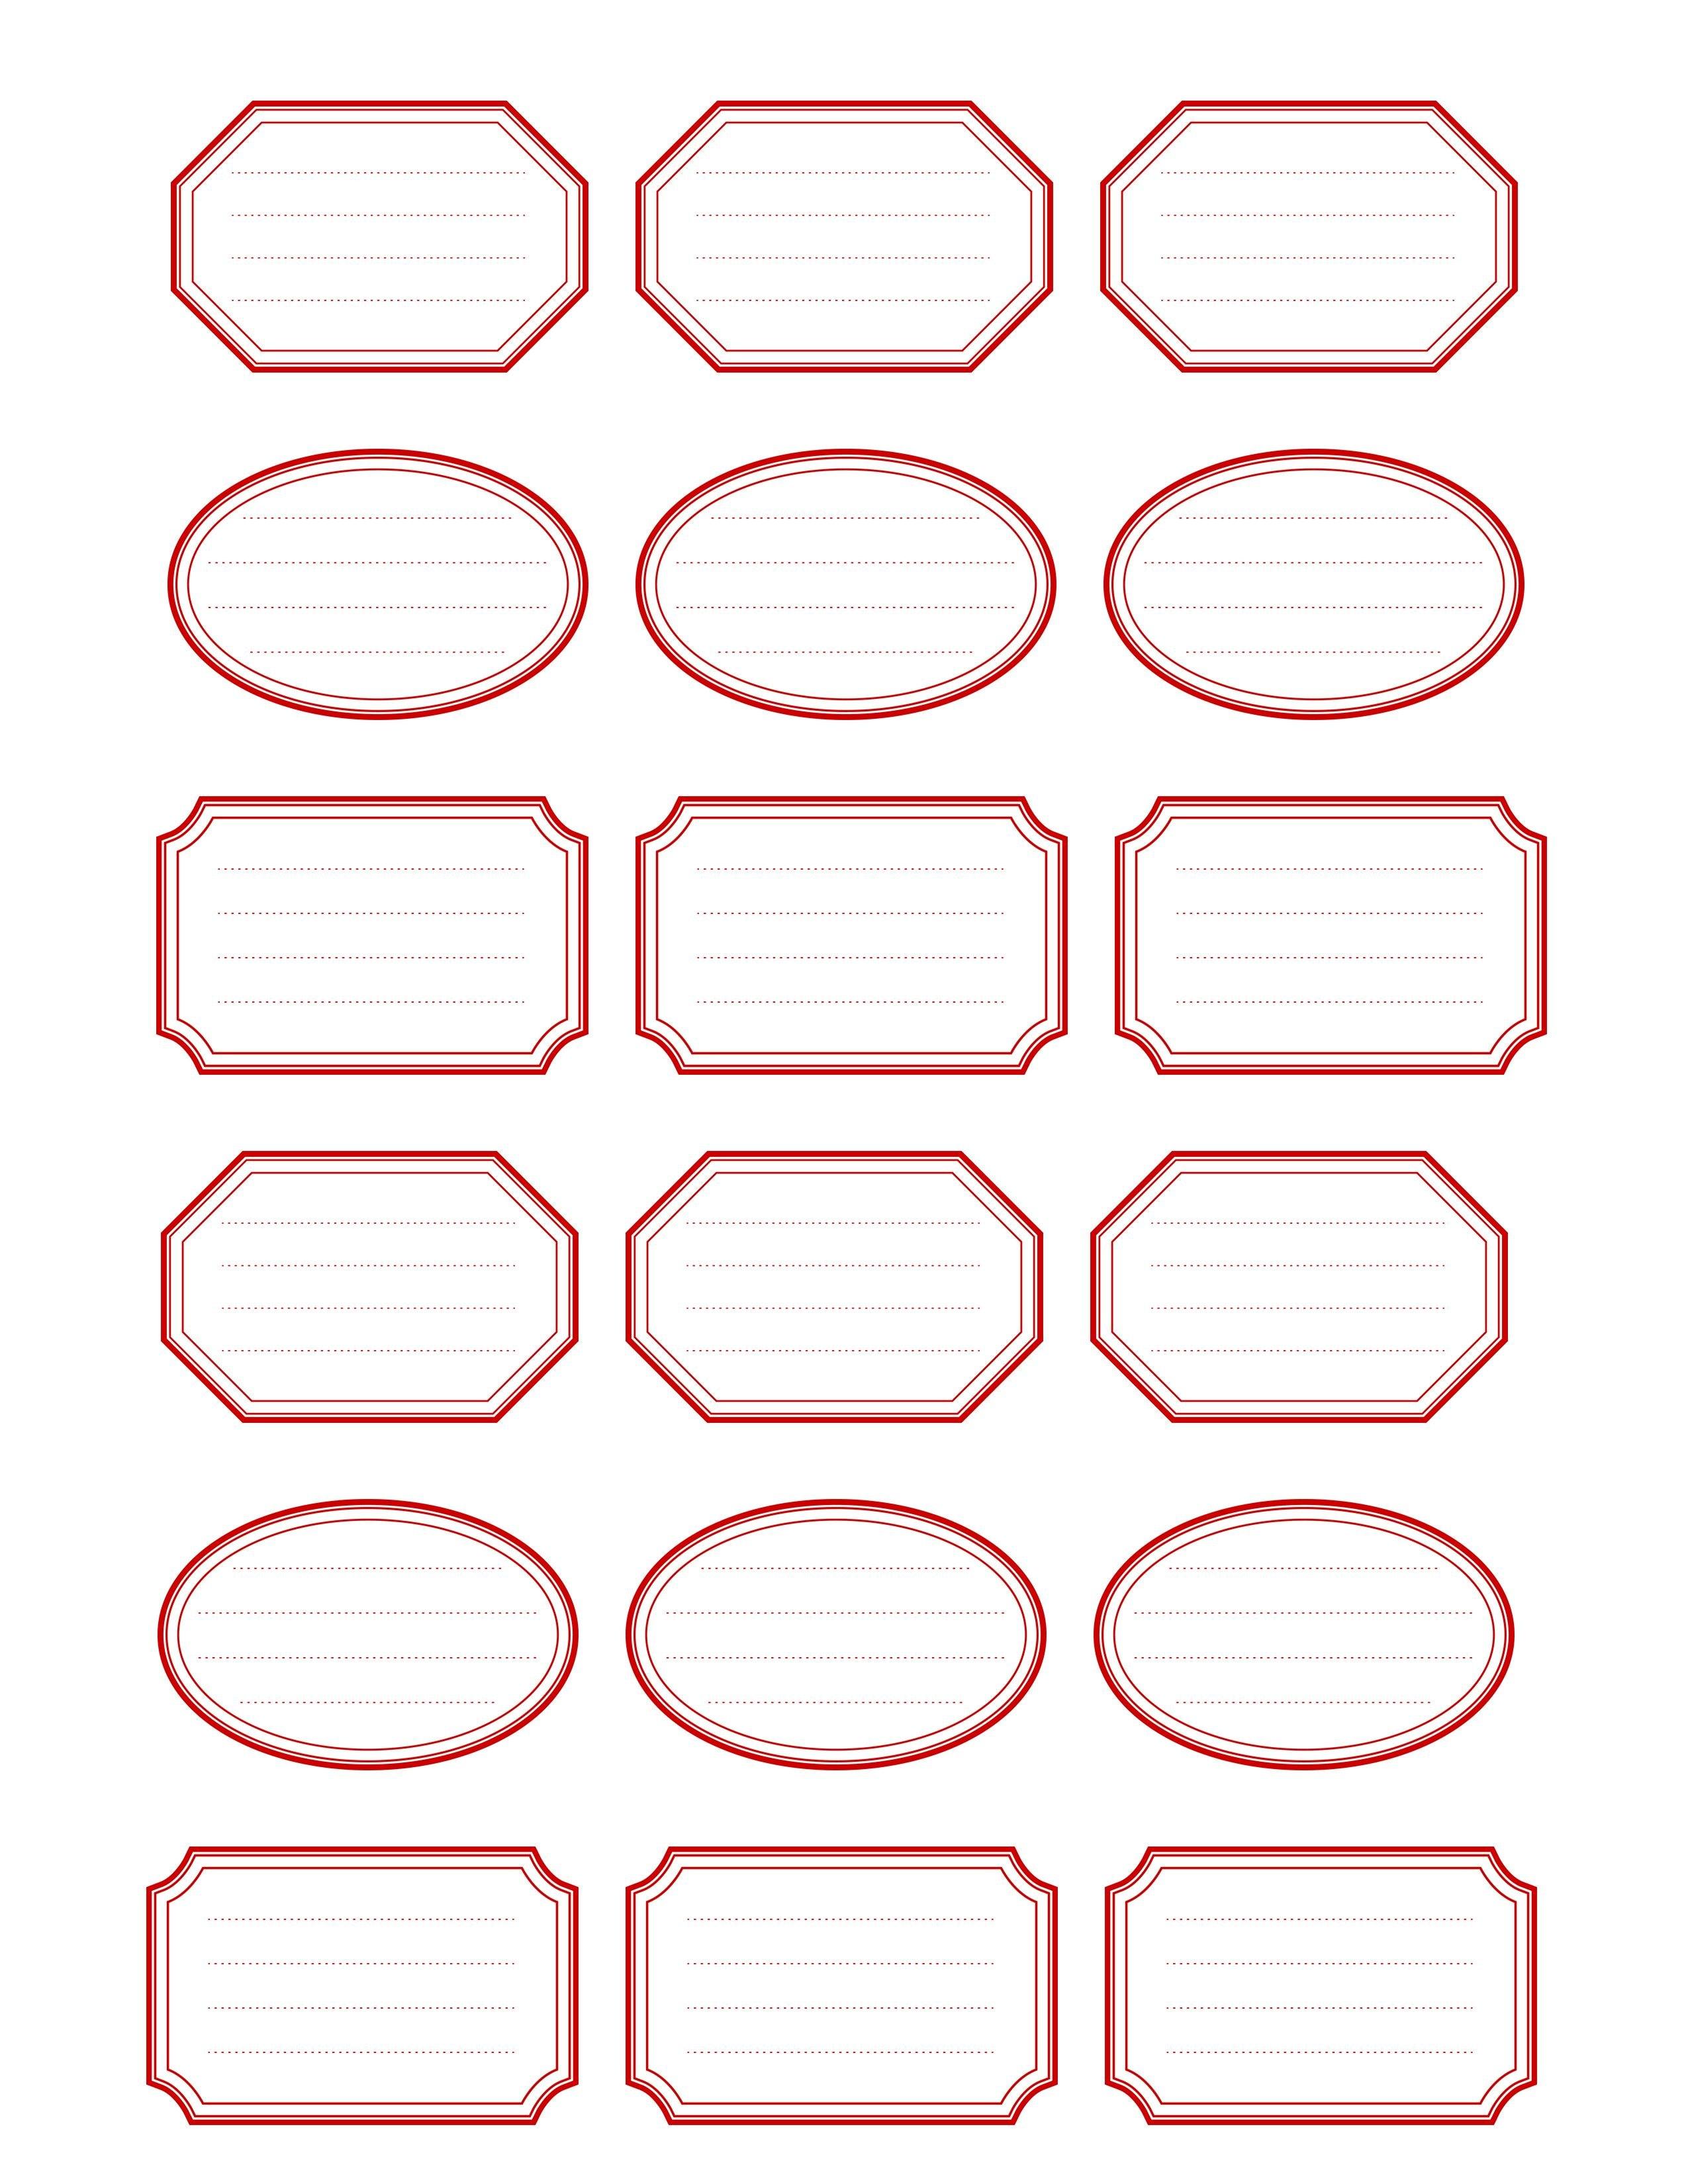 Etiquettes Imprimables  Free Printable Vintage Label Templates Free For Free Printable Vintage Label Templates